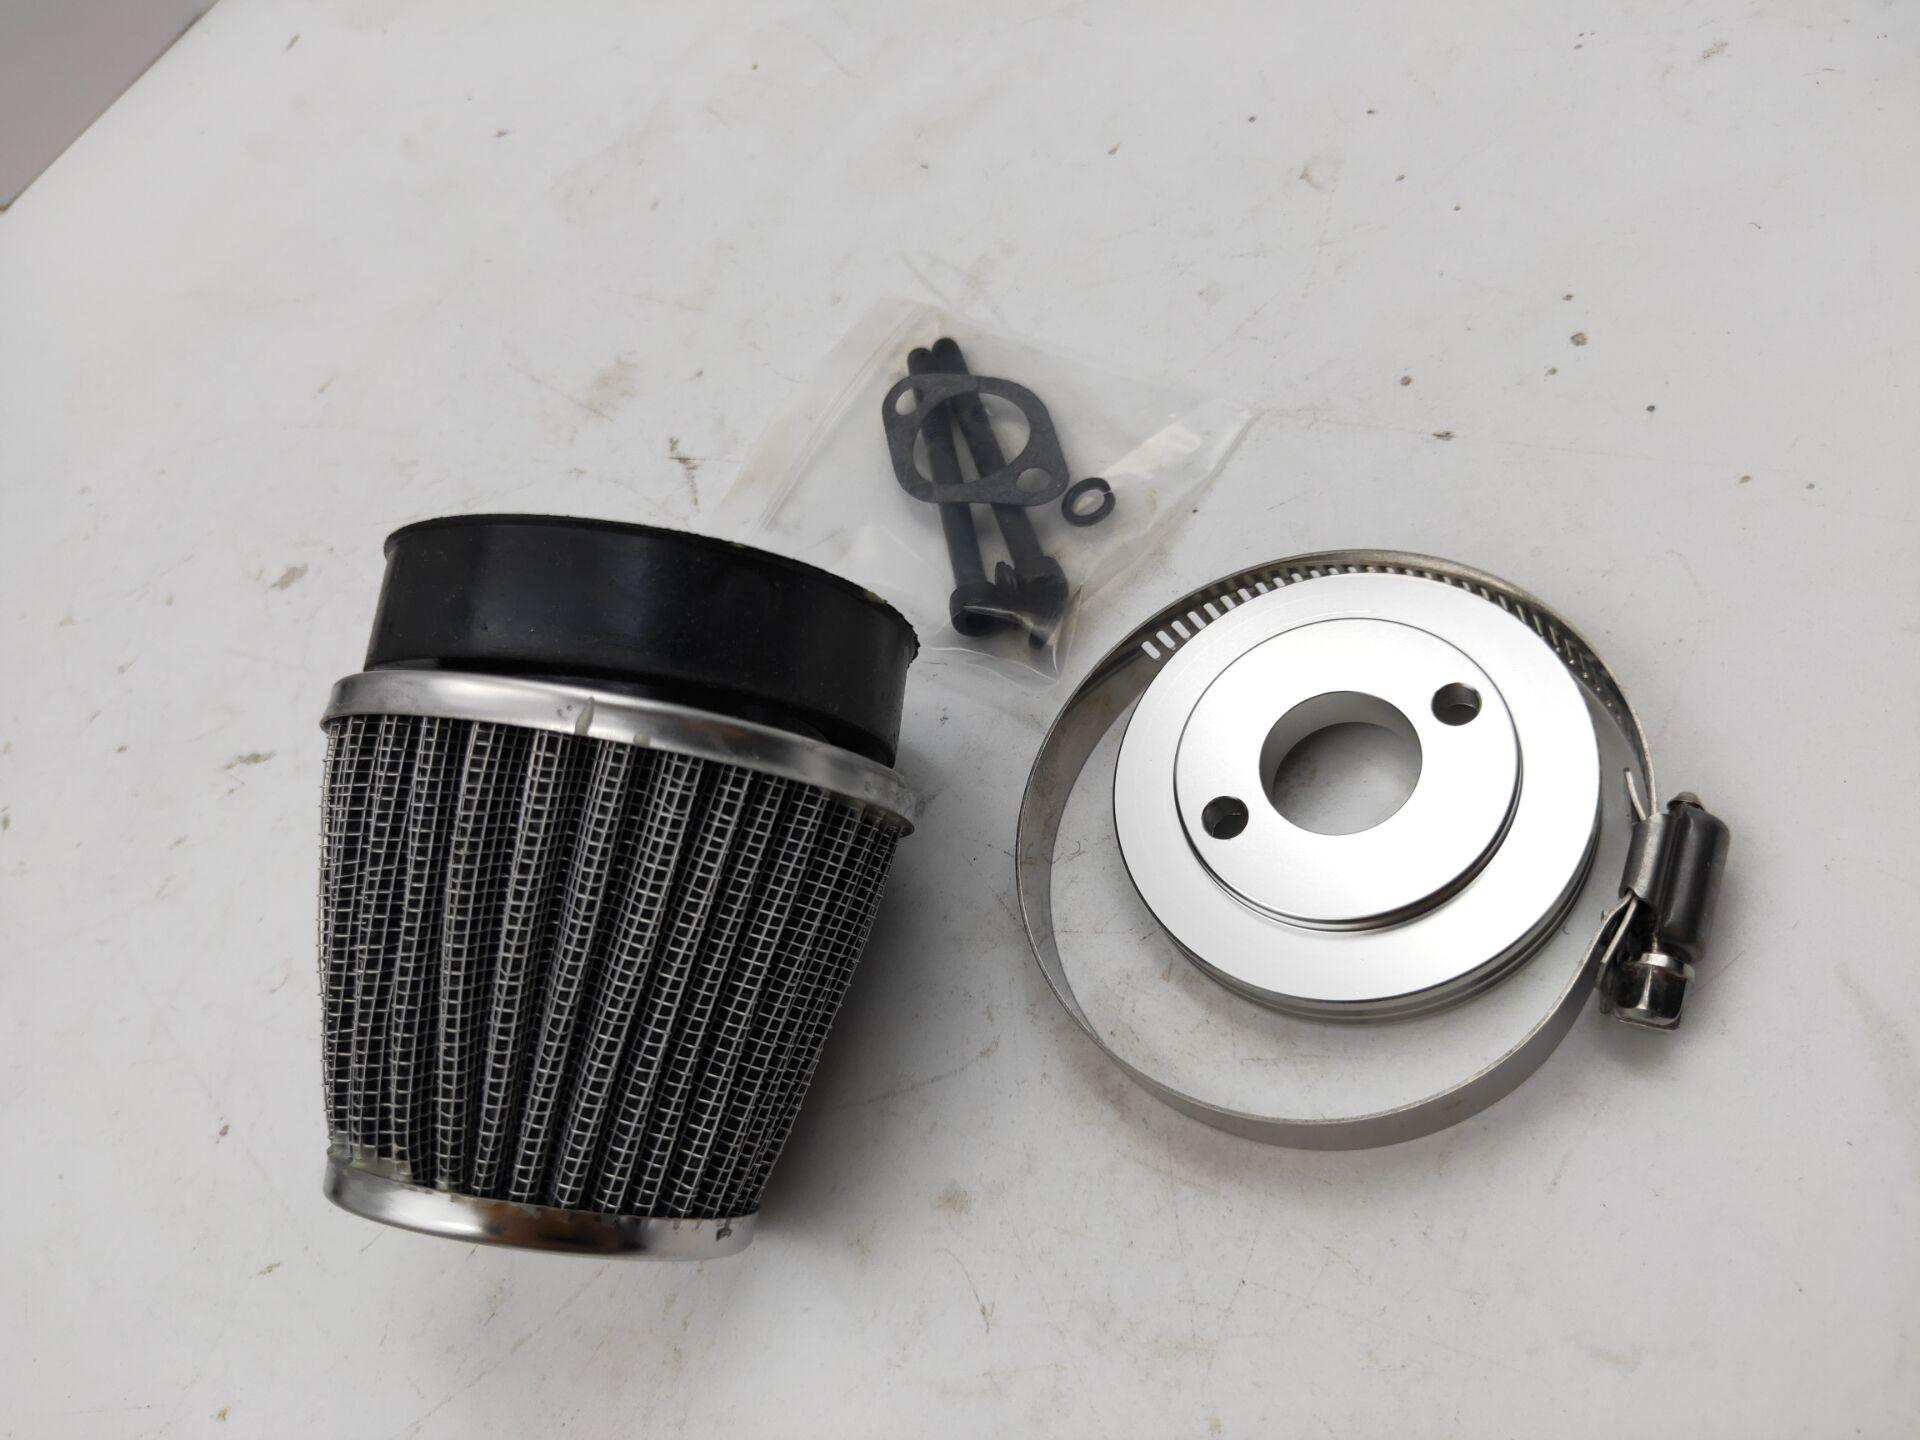 Air Filter fit 1/5 CY Zenoah 23cc-30.5cc Engines for 1/5 HPI Rovan km Baja 5B 5T 5SC rc car partsAir Filter fit 1/5 CY Zenoah 23cc-30.5cc Engines for 1/5 HPI Rovan km Baja 5B 5T 5SC rc car parts